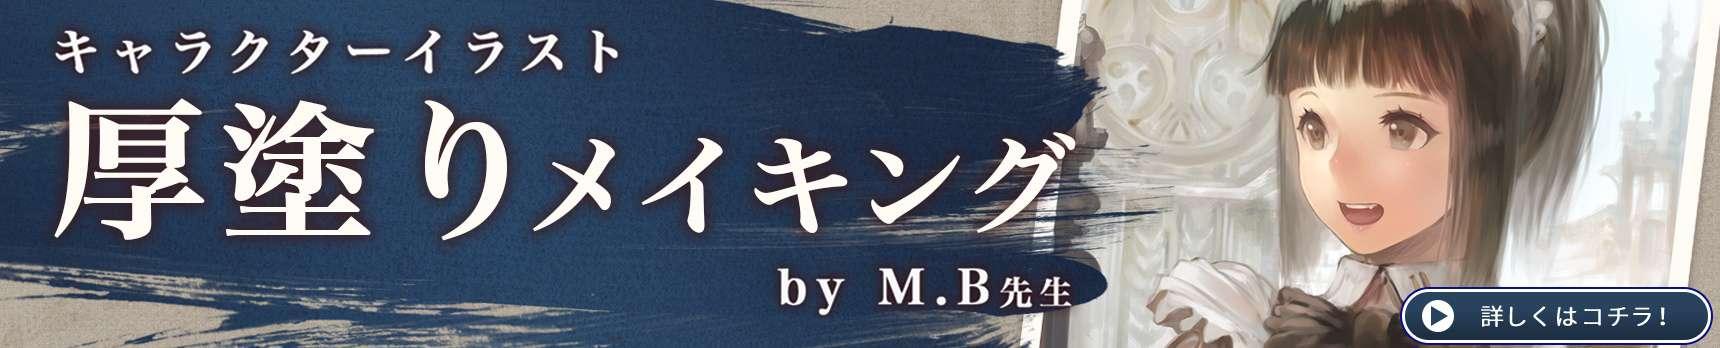 Mb rec banner pc